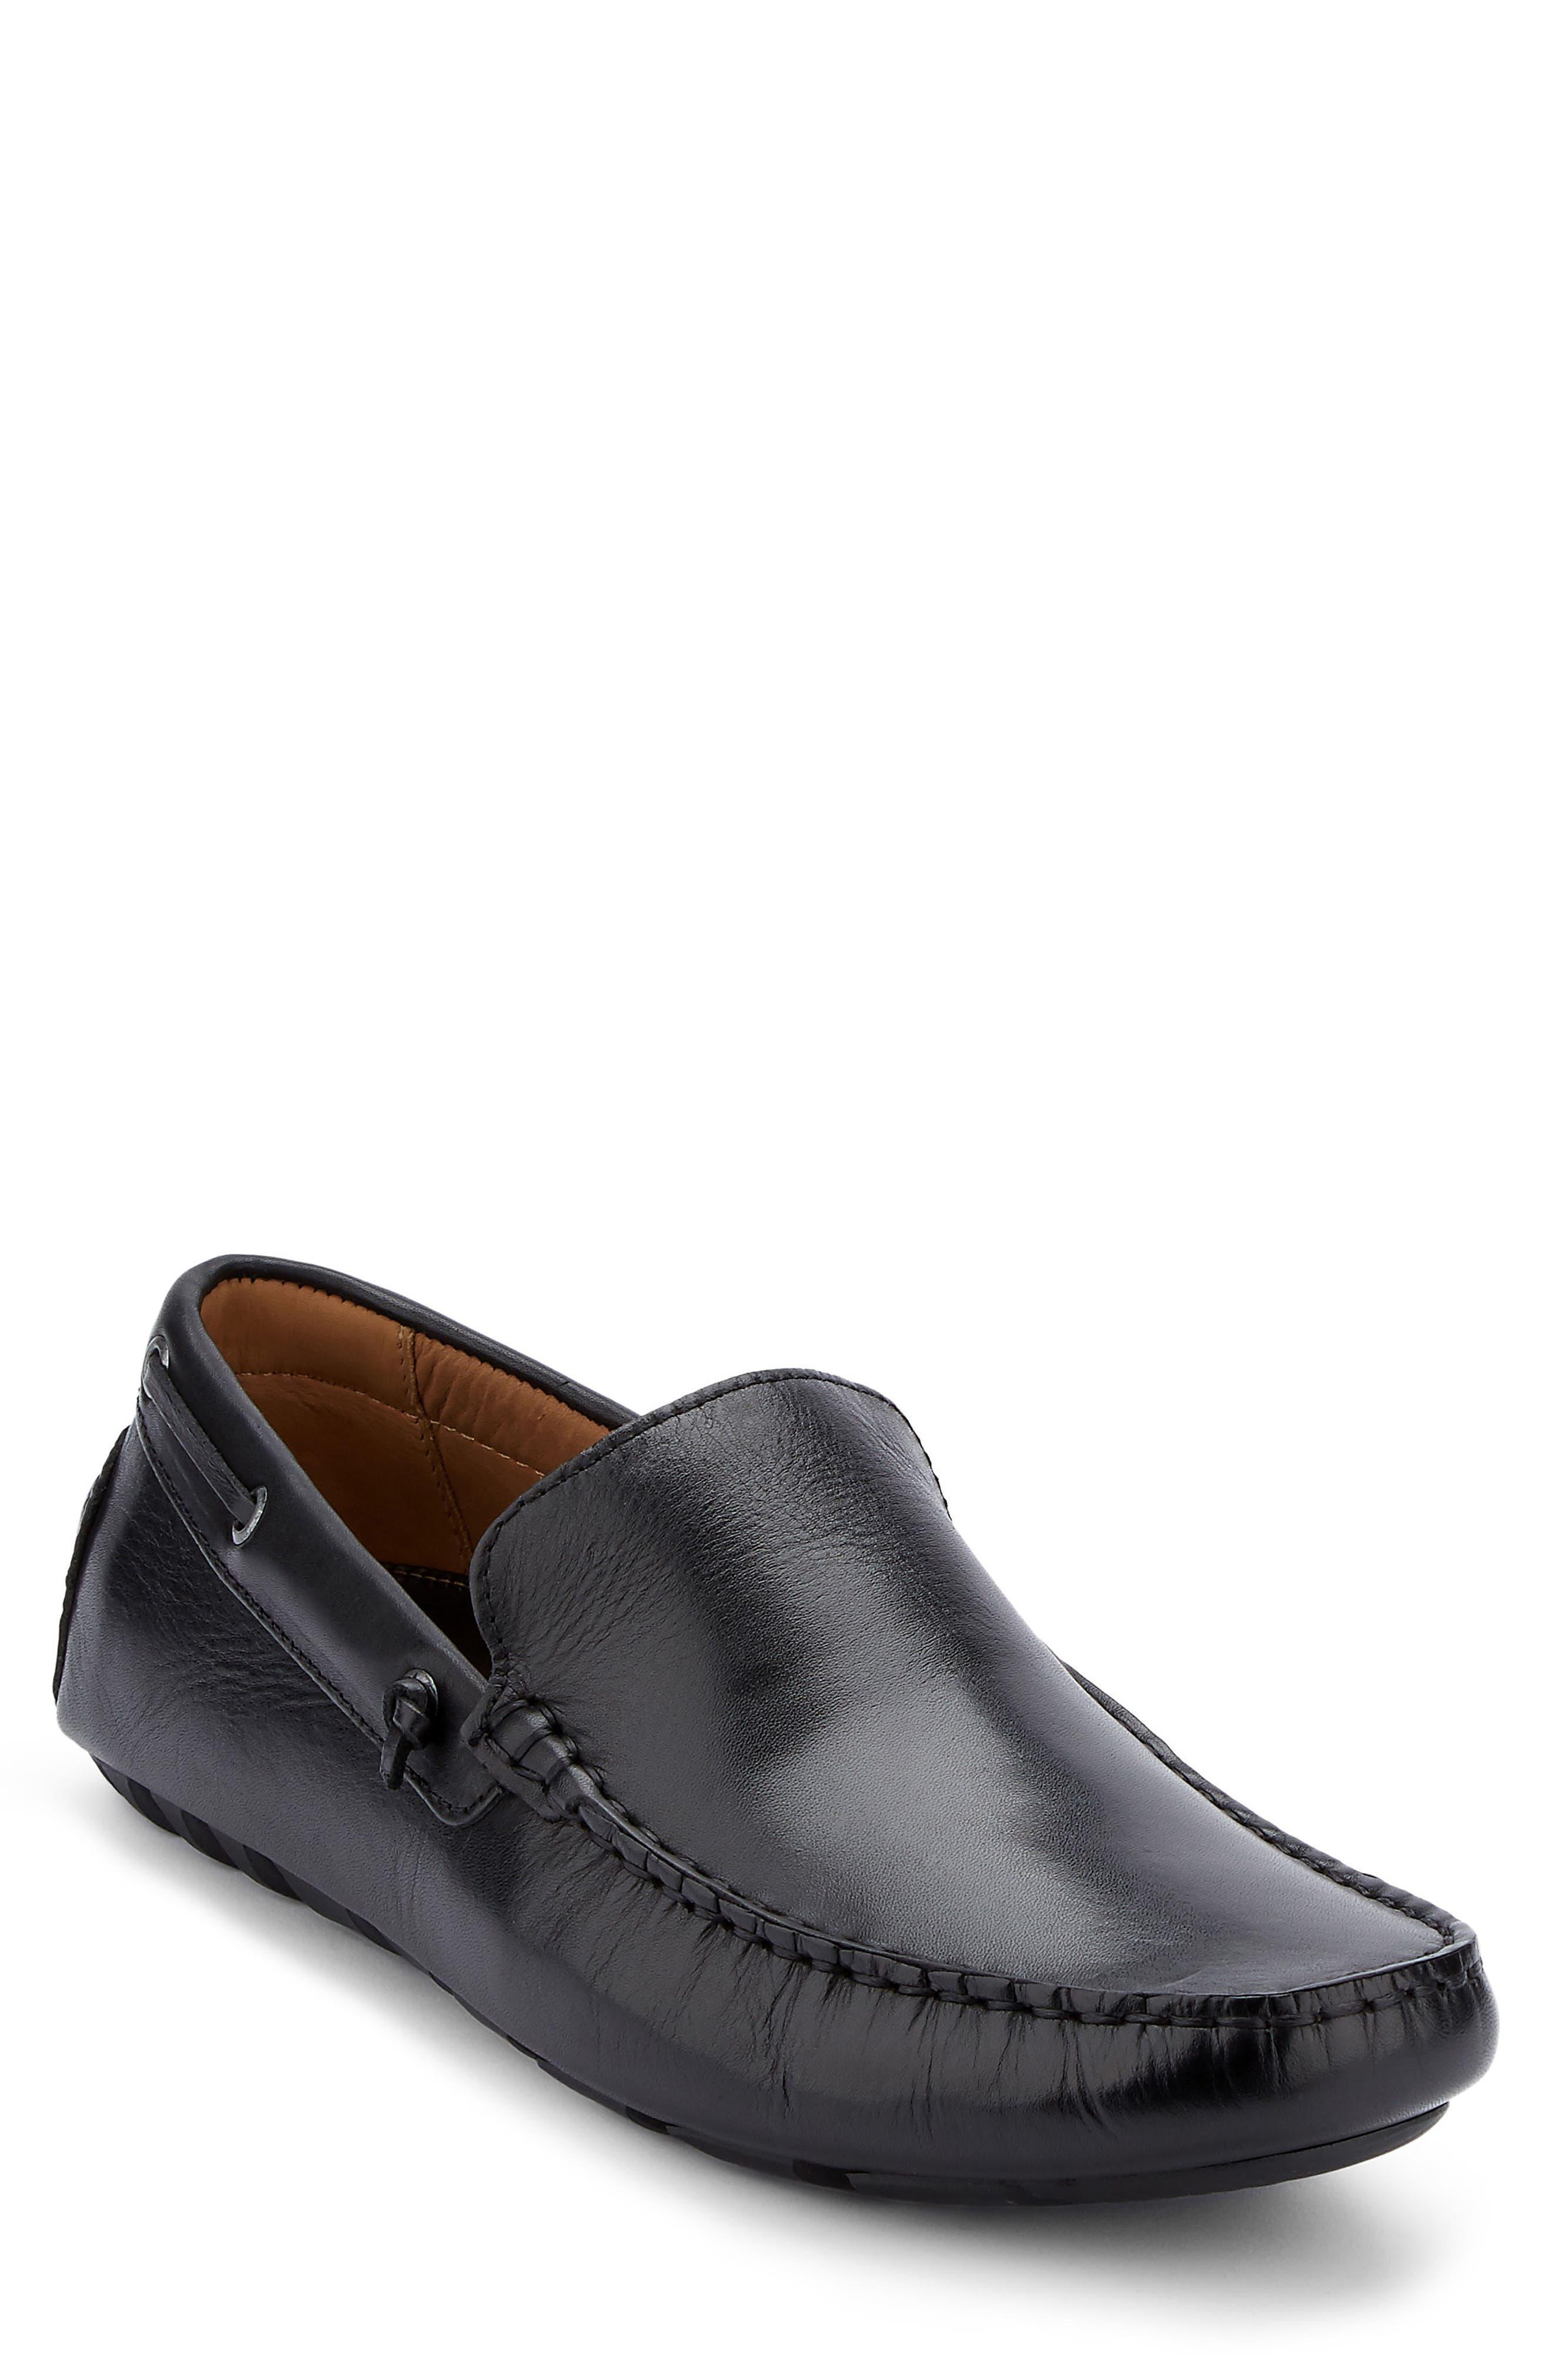 Main Image - G.H. Bass & Co. Walter Driving Shoe (Men)